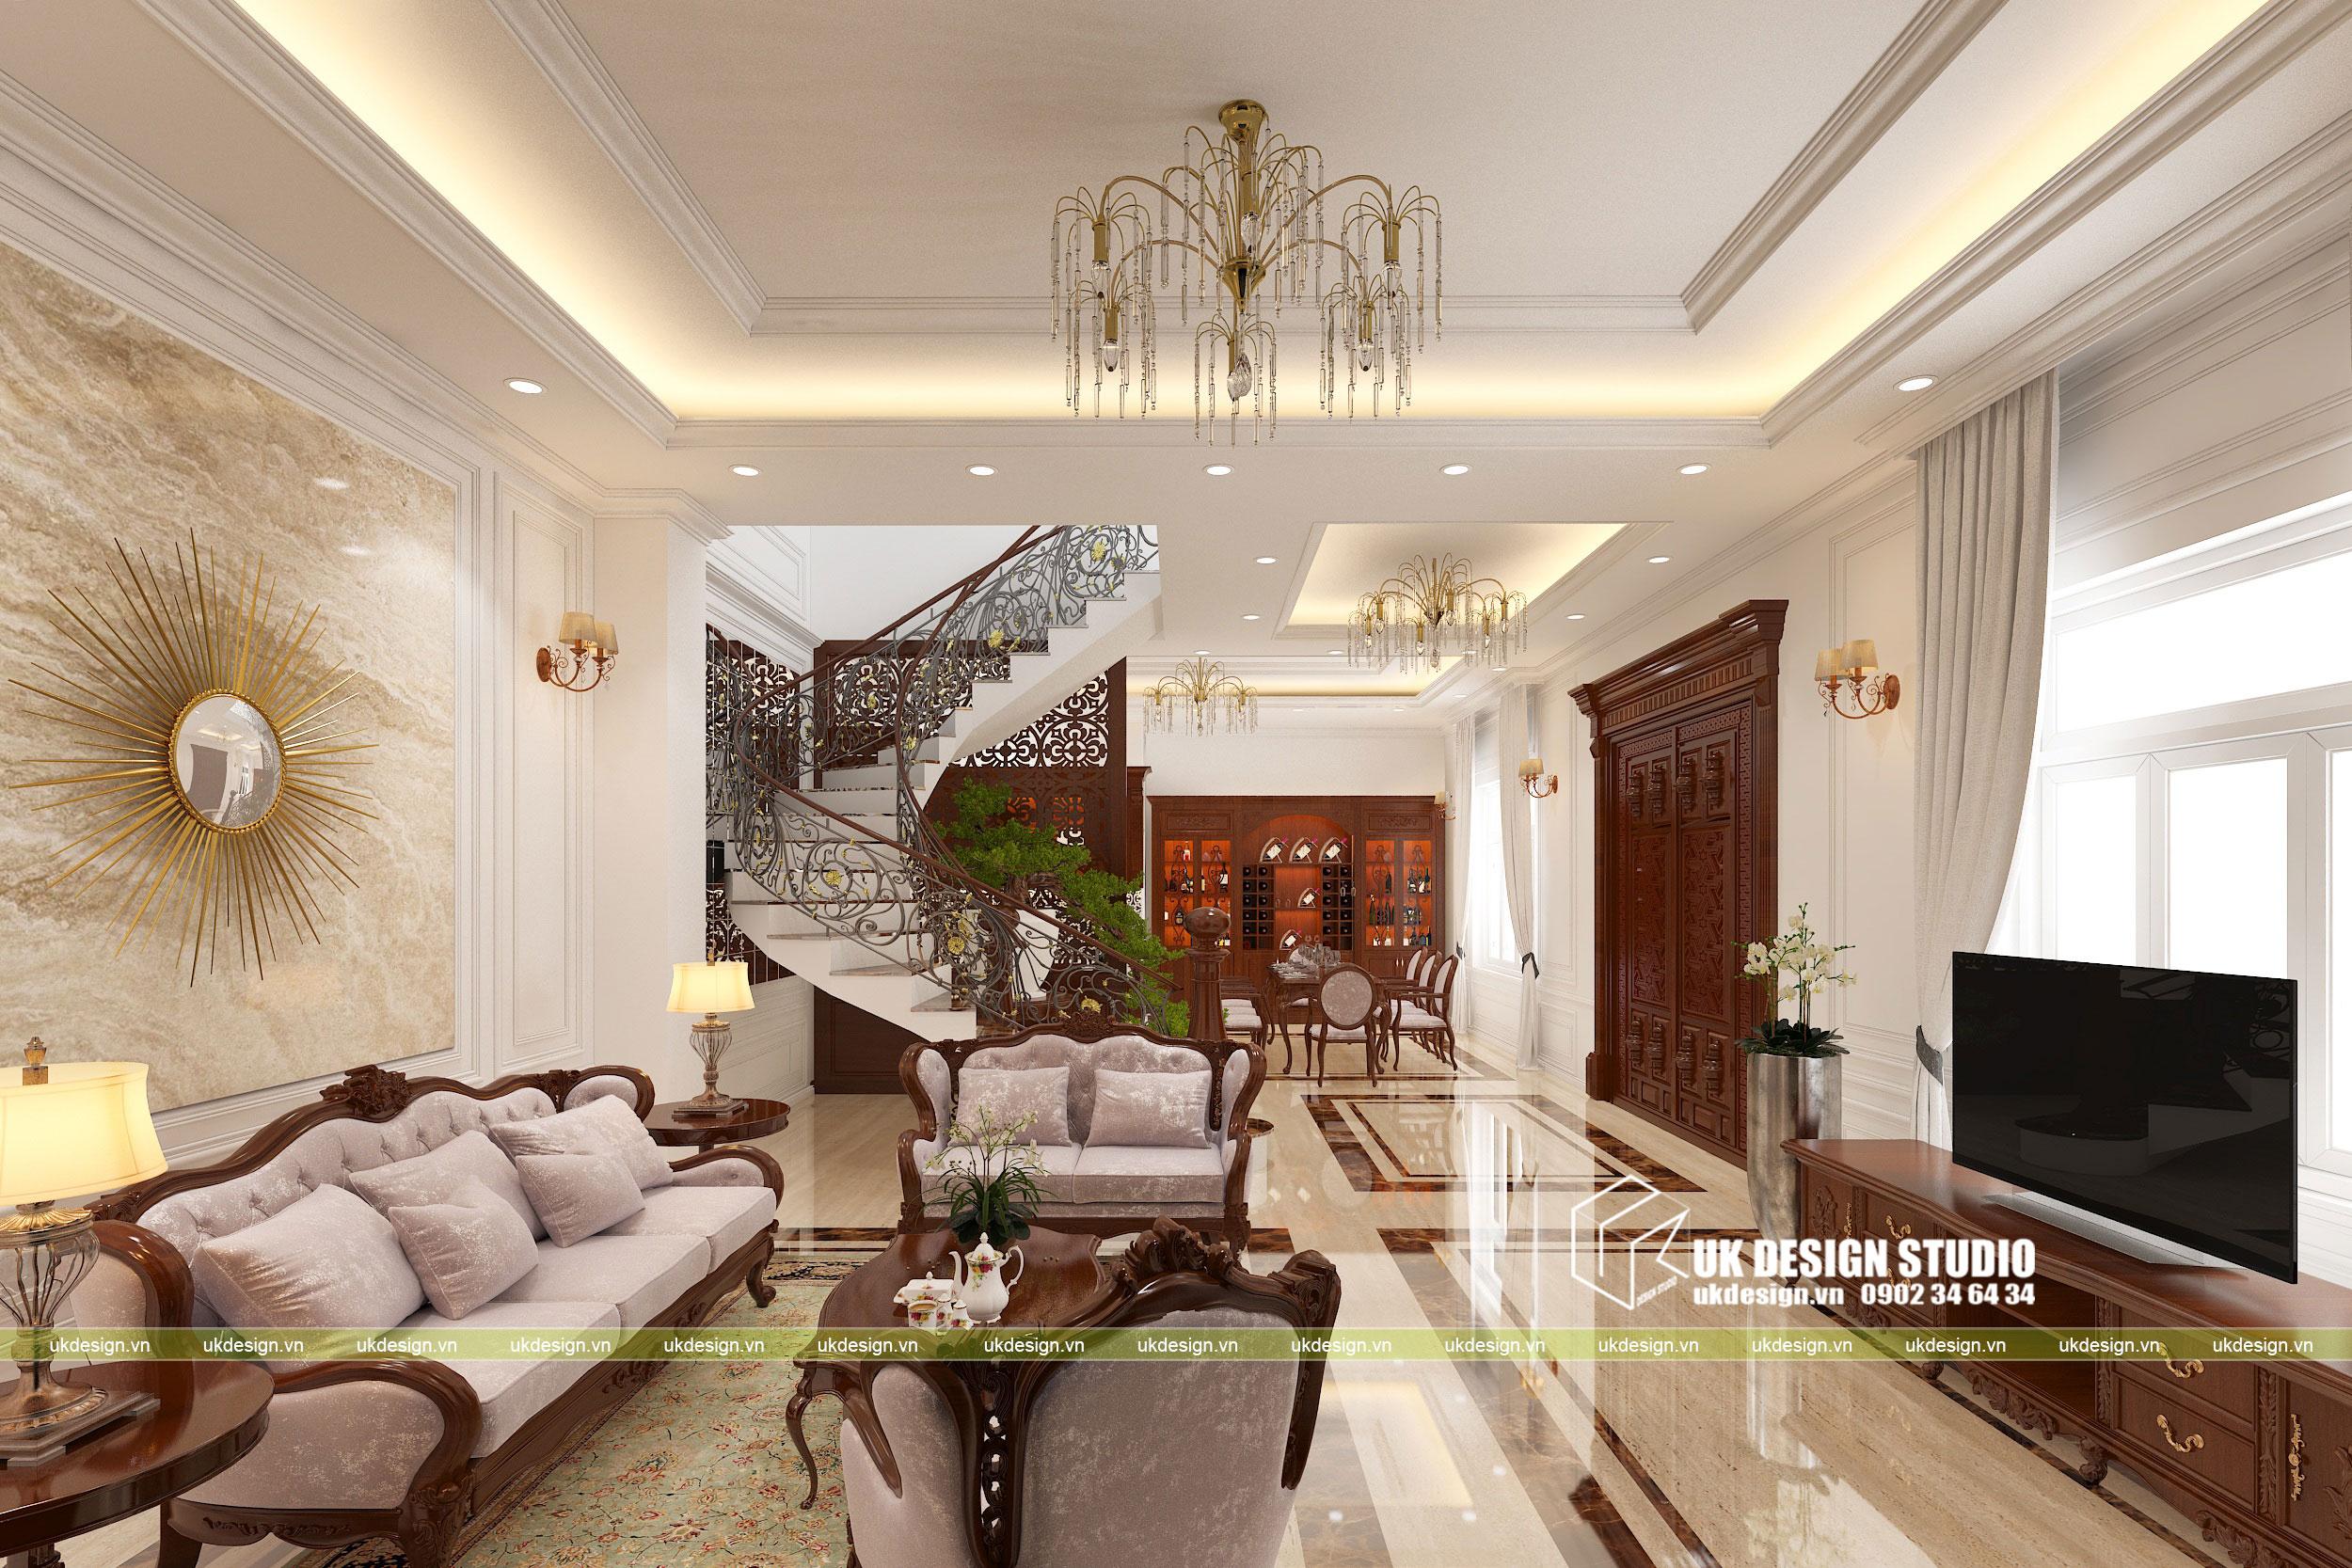 Thiết kế nội thất biệt thự cổ điển 1